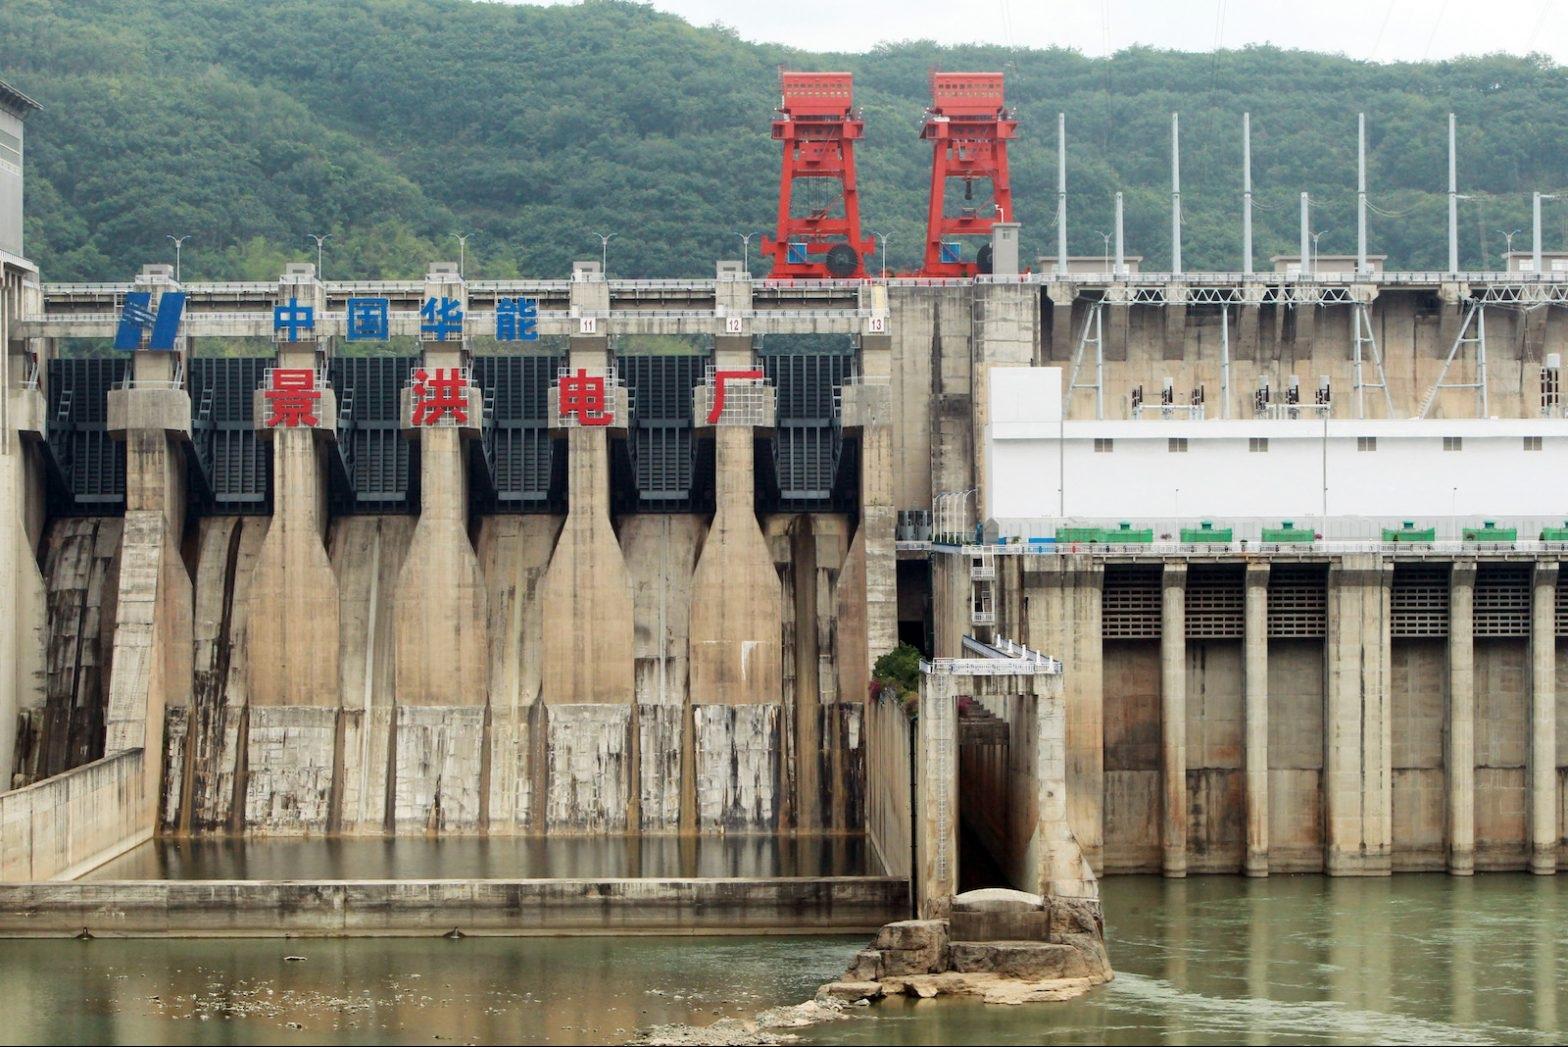 """Hiểm họa """"cuộc chiến nước"""" từ các đập thủy điện của Trung Quốc trên sông Mekong - 3"""